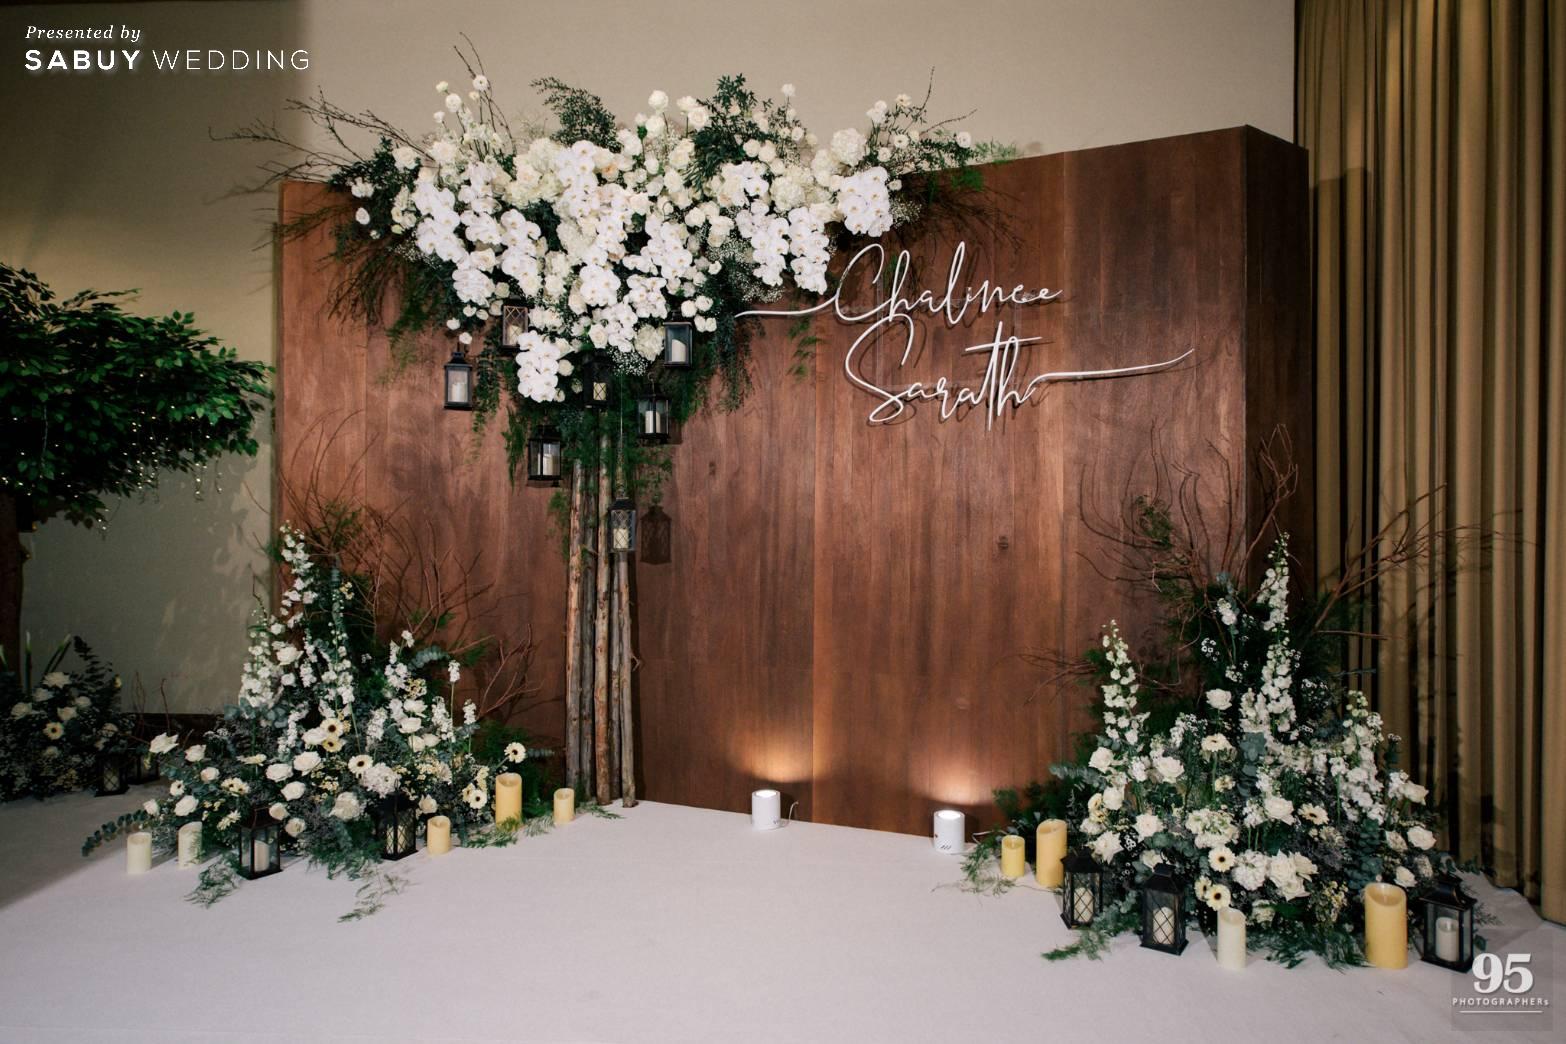 ตกแต่งงานแต่งงาน,ออแกไนเซอร์,เวดดิ้งแพลนเนอร์,backdrop รีวิวงานแต่งธีมสวนเรียบโก้ สไตล์ Elegant greenery garden @ Sheraton Grande Sukhumvit